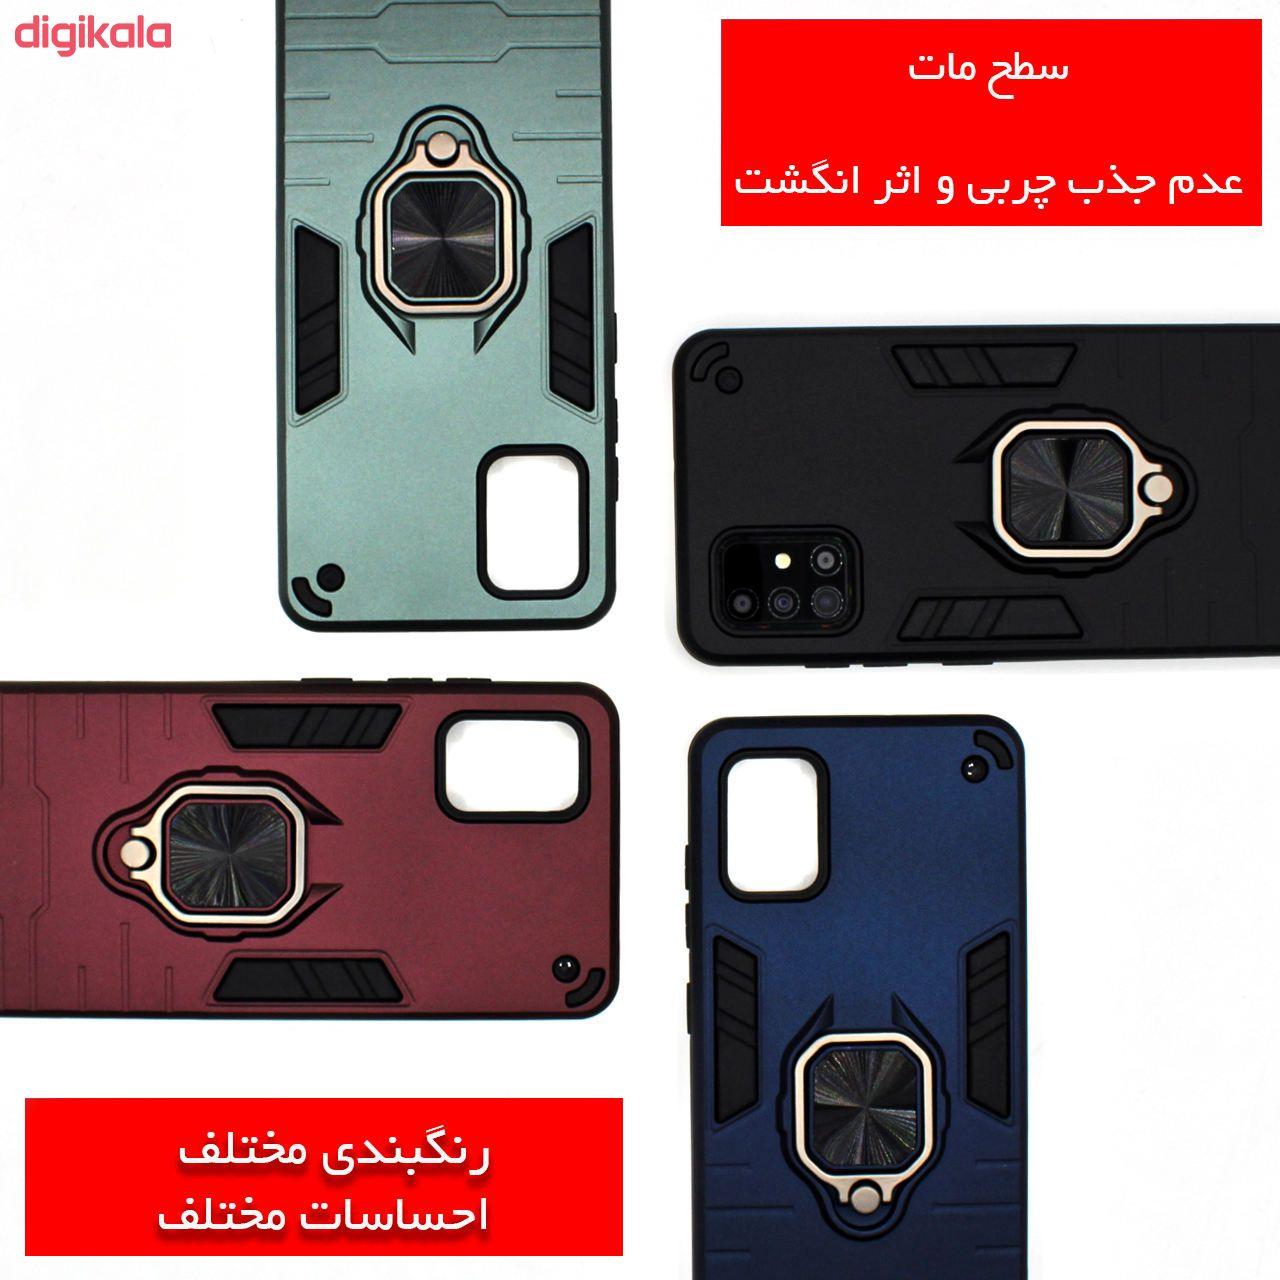 کاور کینگ پاور مدل ASH22 مناسب برای گوشی موبایل سامسونگ Galaxy A31 main 1 11